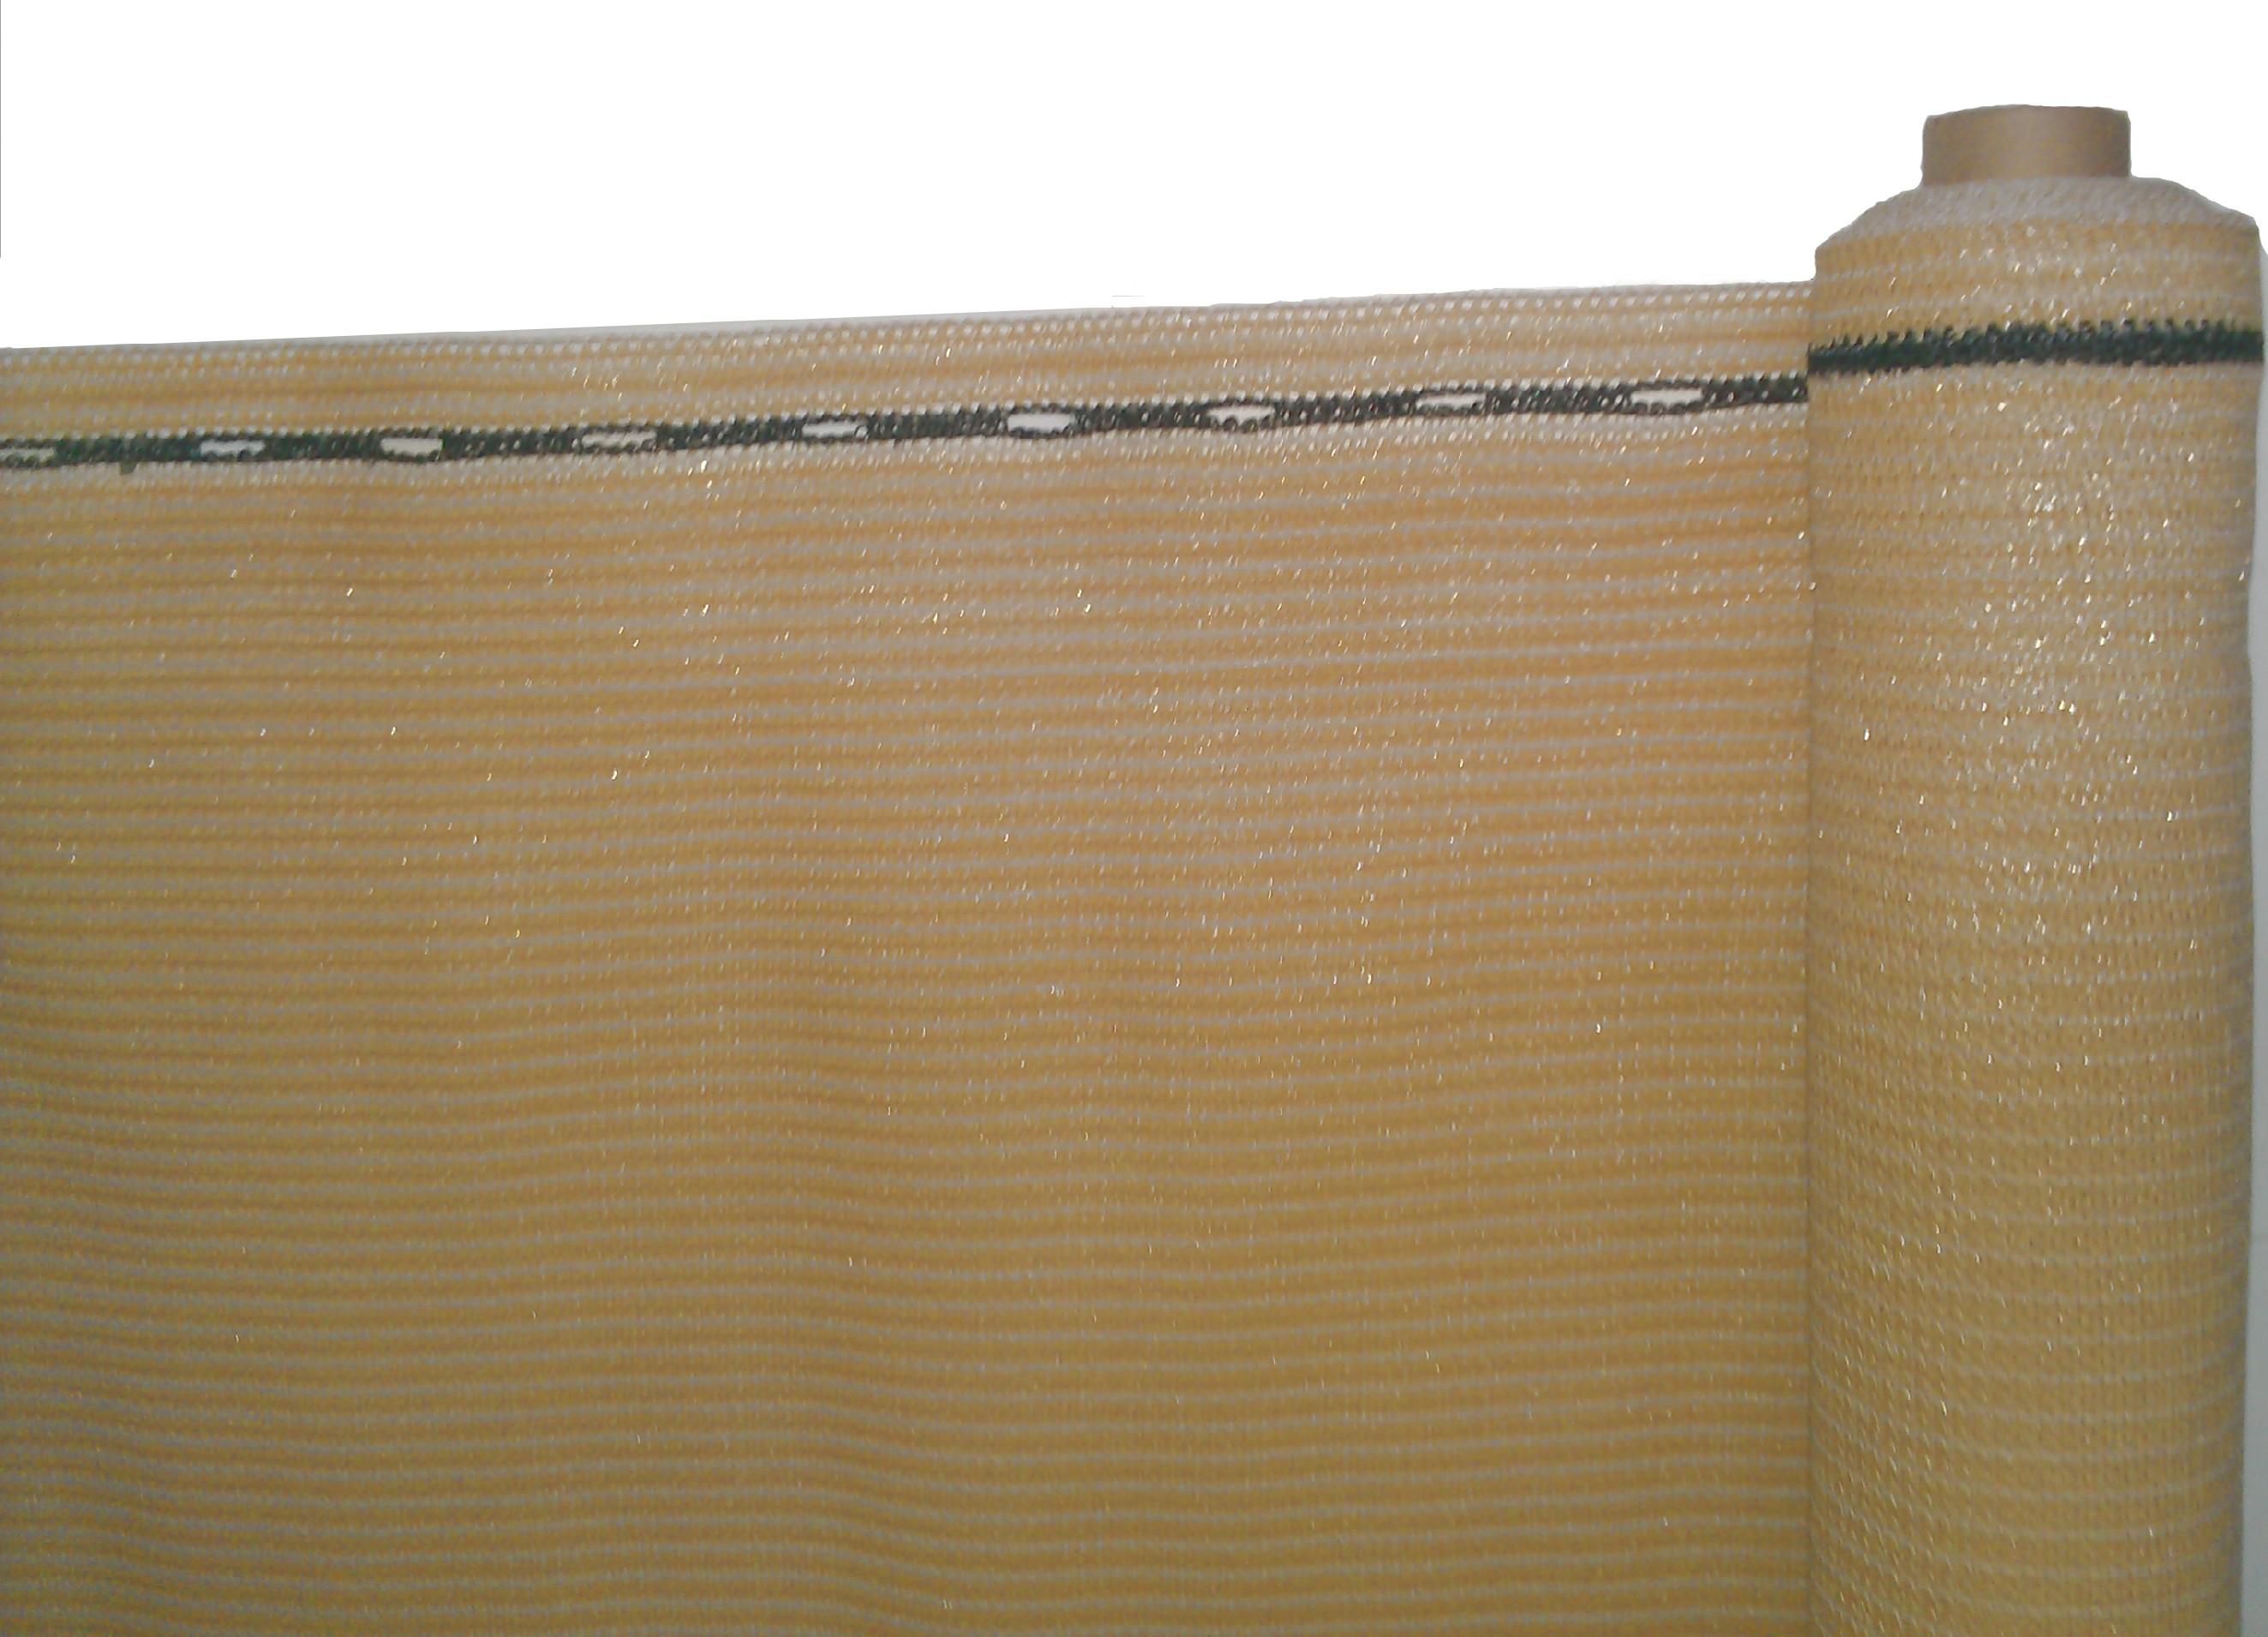 Stínící tkanina, zastínění 90%, výška 200 cm, písková